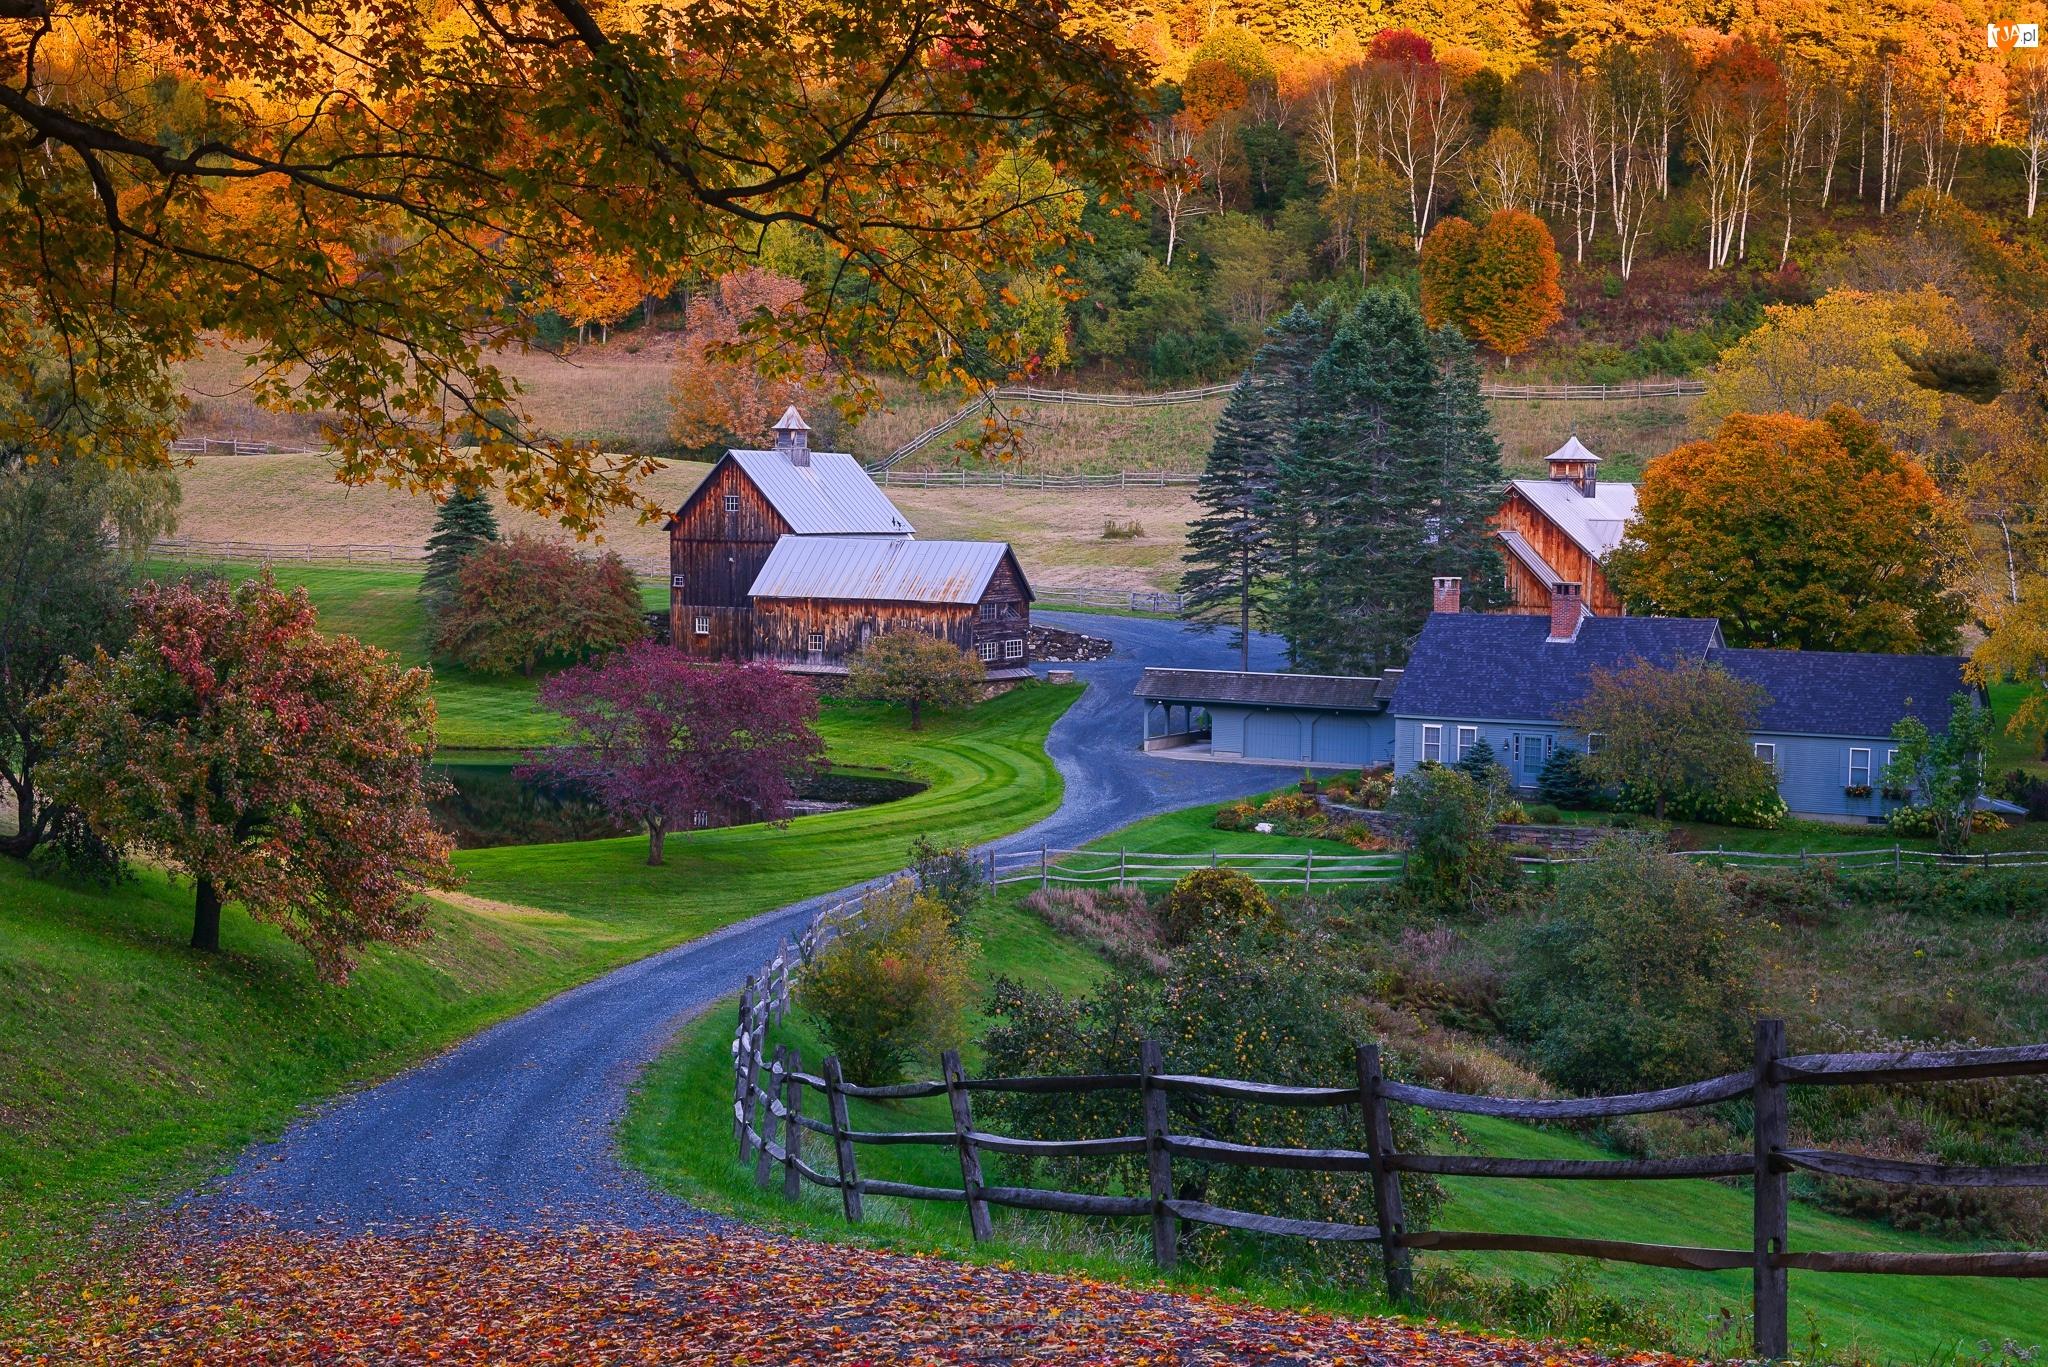 Wioska, Jesień, Stany, Las, Zjednoczone, Droga